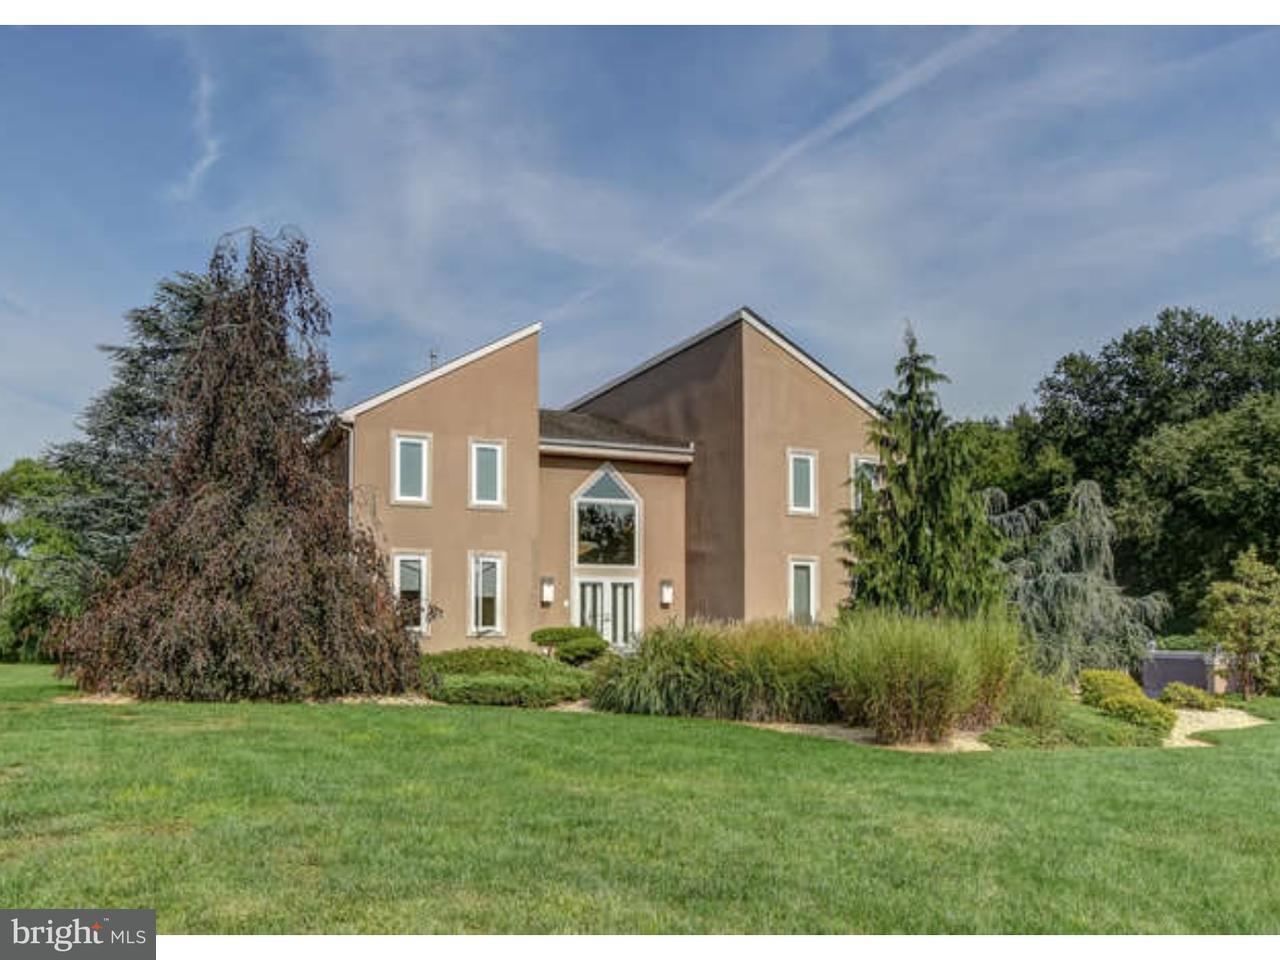 Maison unifamiliale pour l Vente à 21 HOLLY Drive Columbus, New Jersey 08022 États-Unis